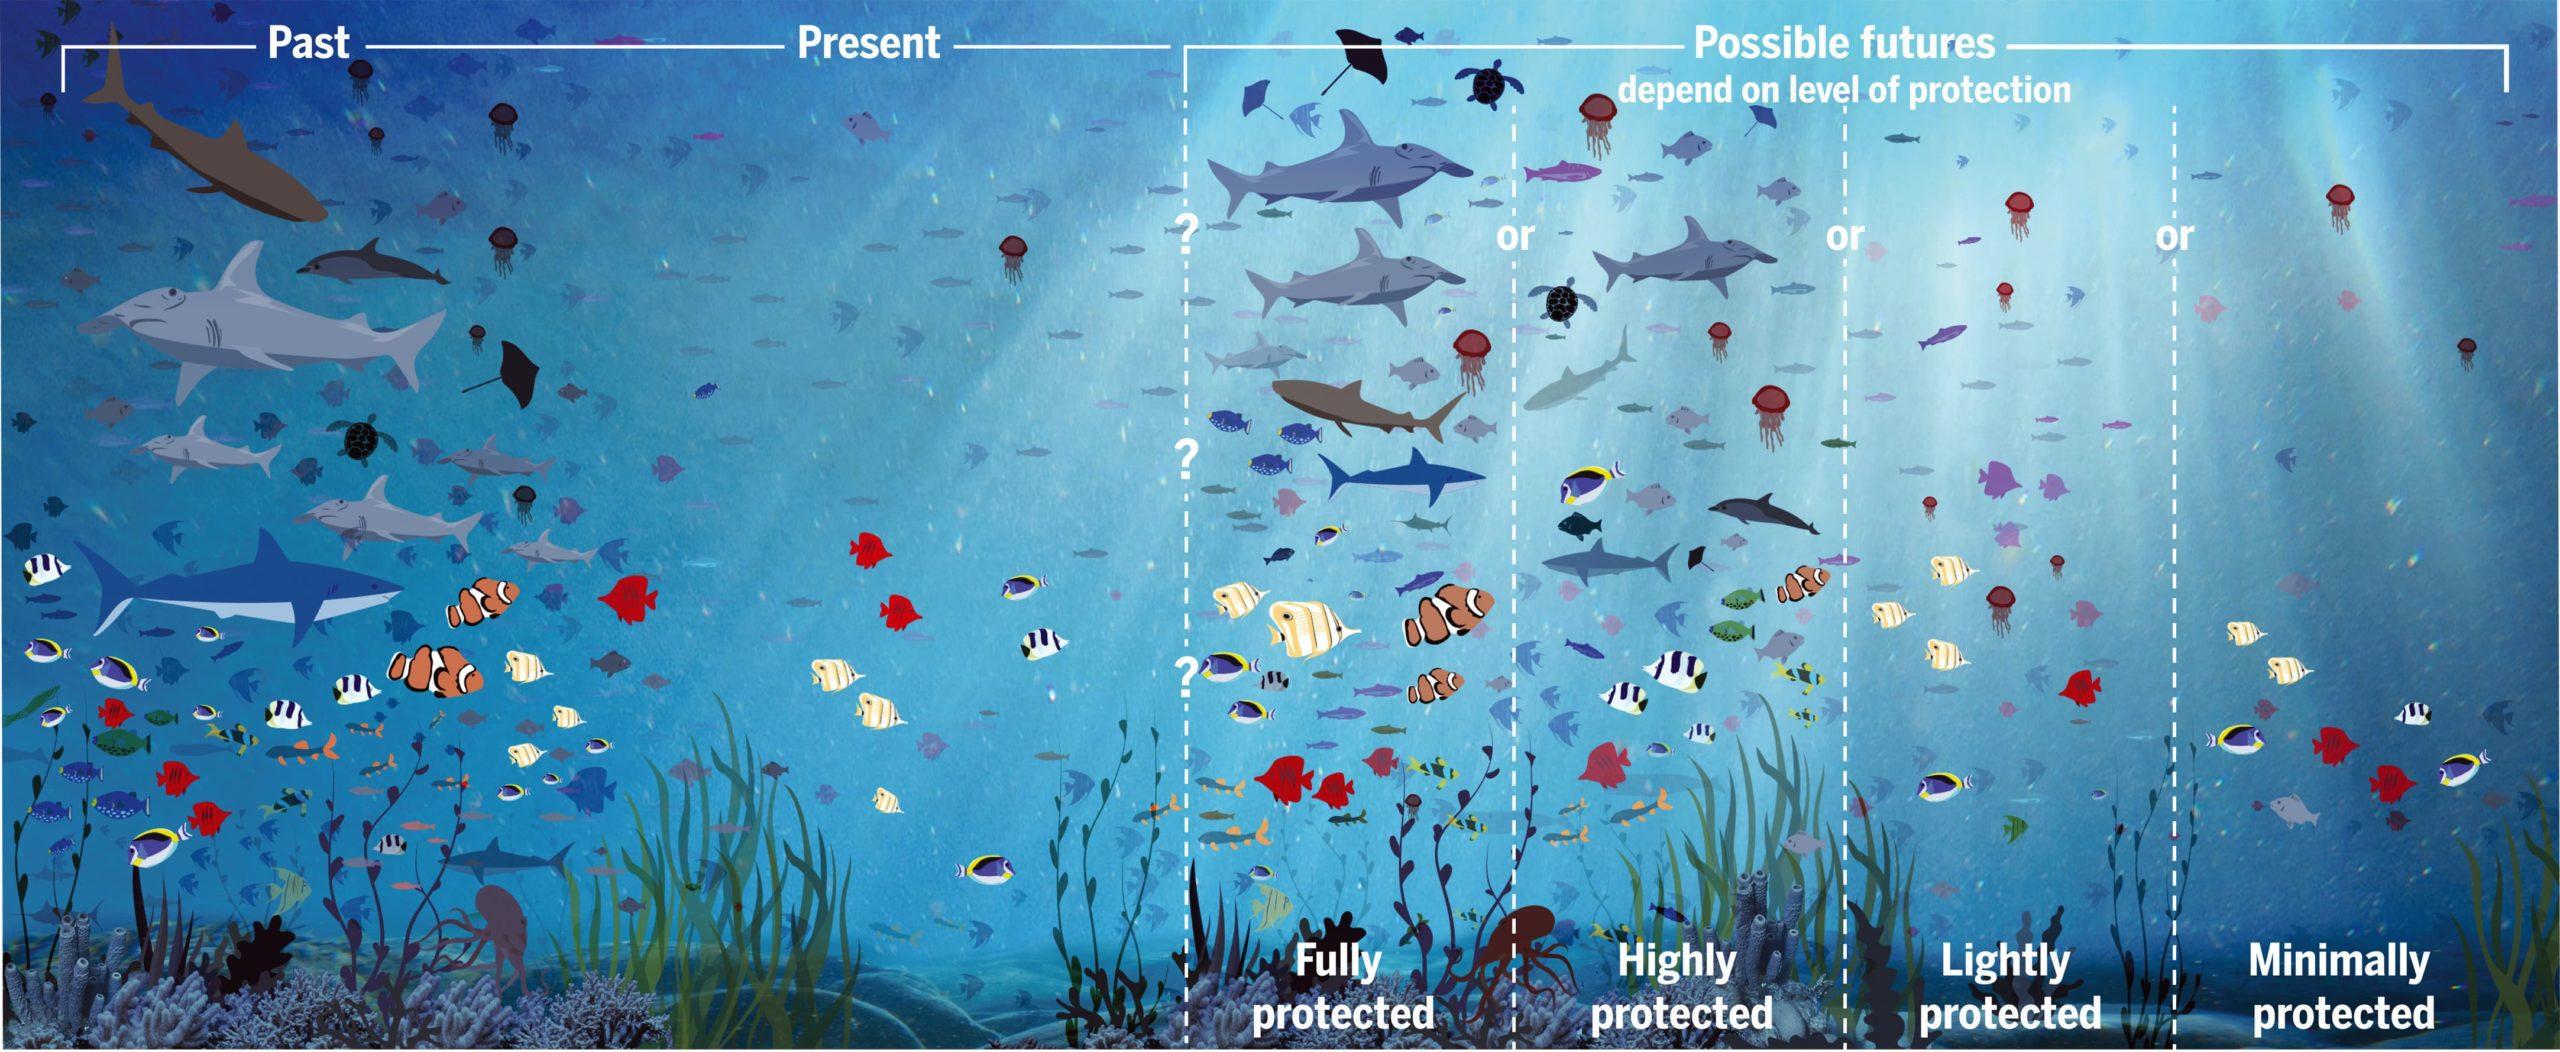 océanos, ciencia, conservación, biodiversidad